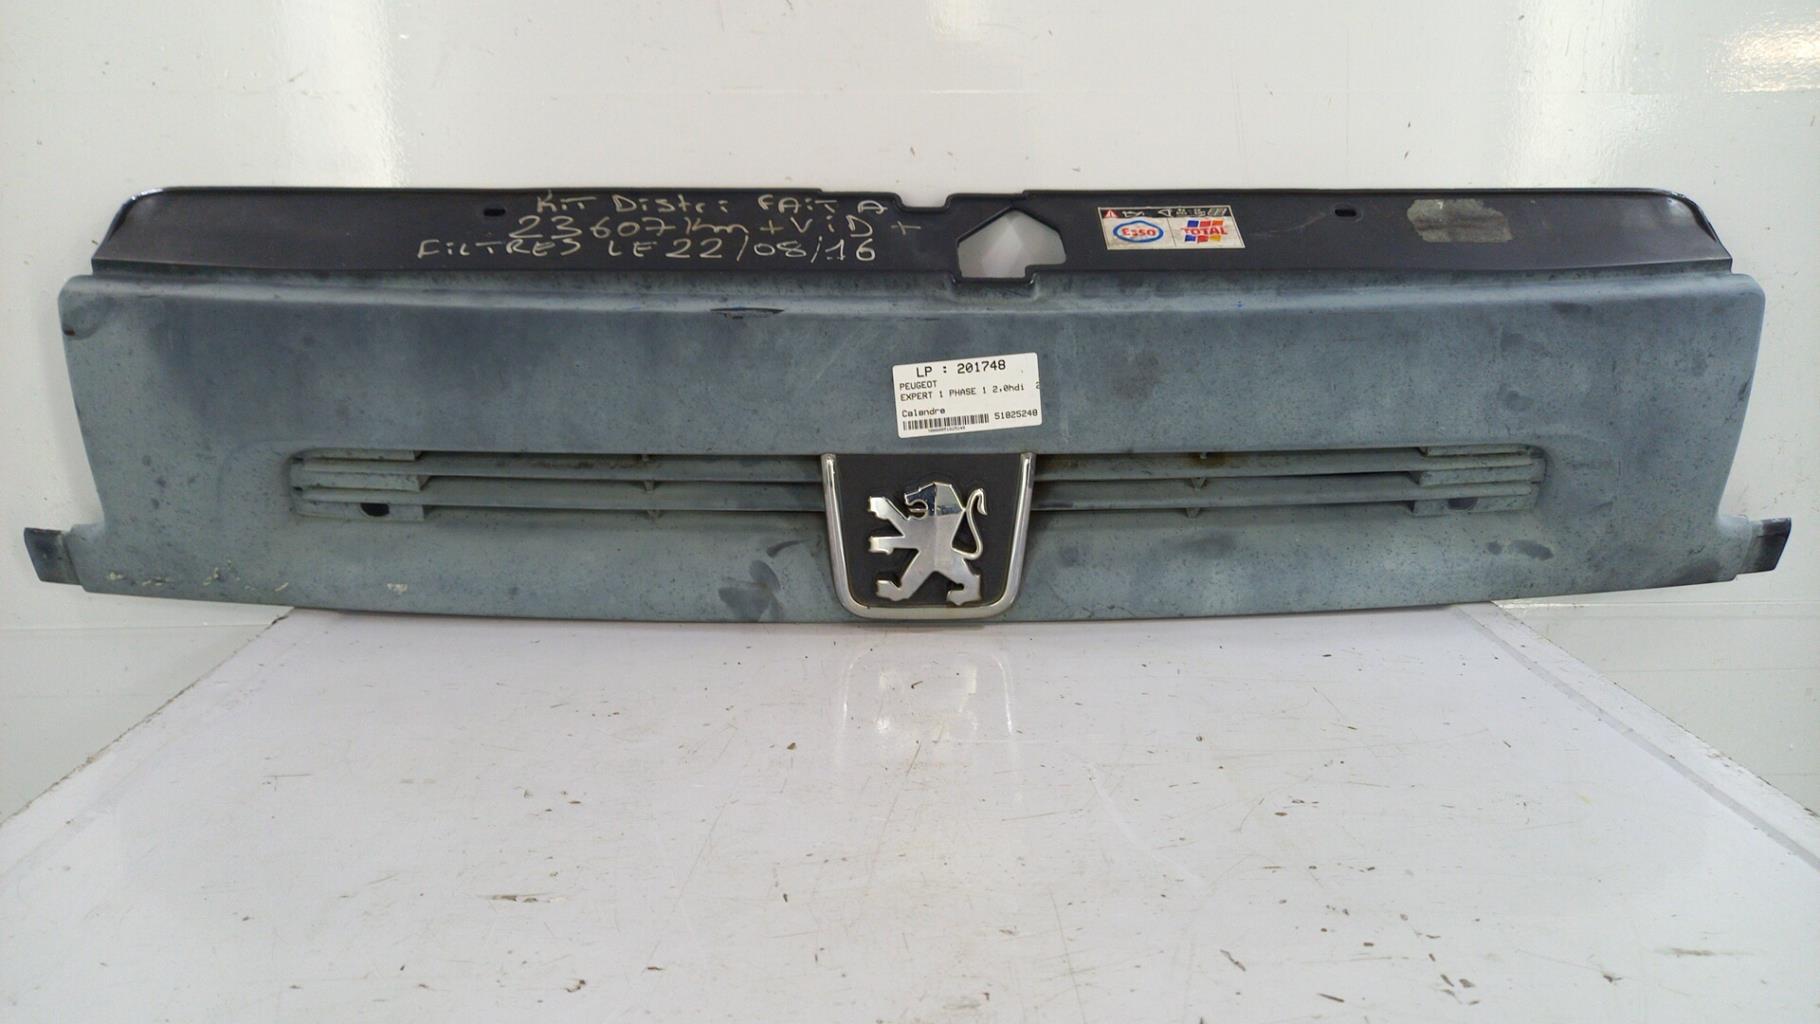 Calandre PEUGEOT EXPERT 1 PHASE 1 Diesel